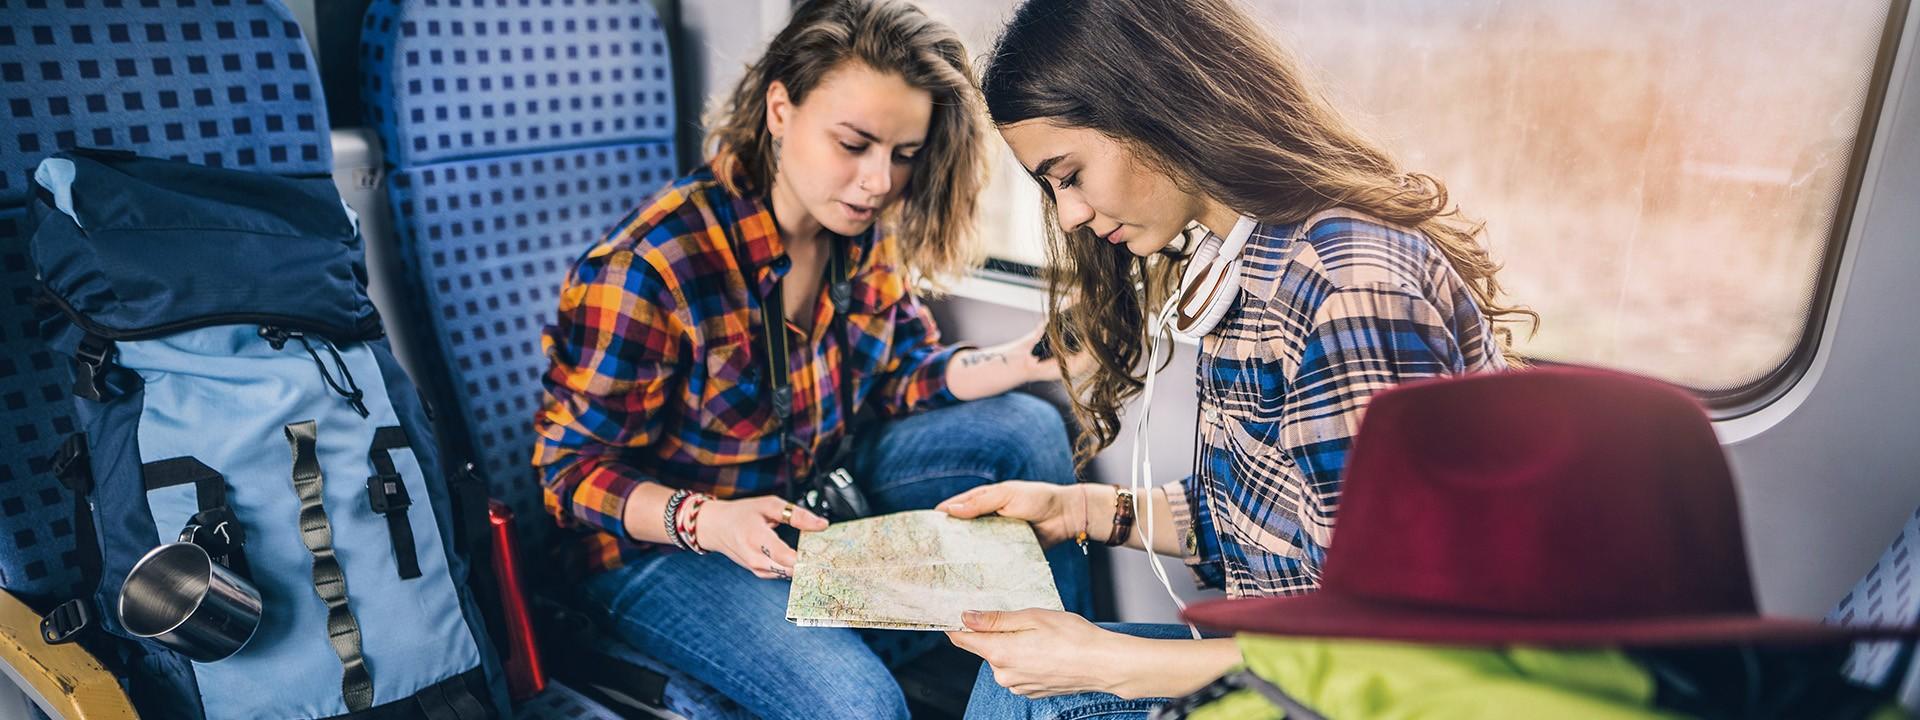 Zwei junge Frauen reisen mit viel Gepäck im Zug.